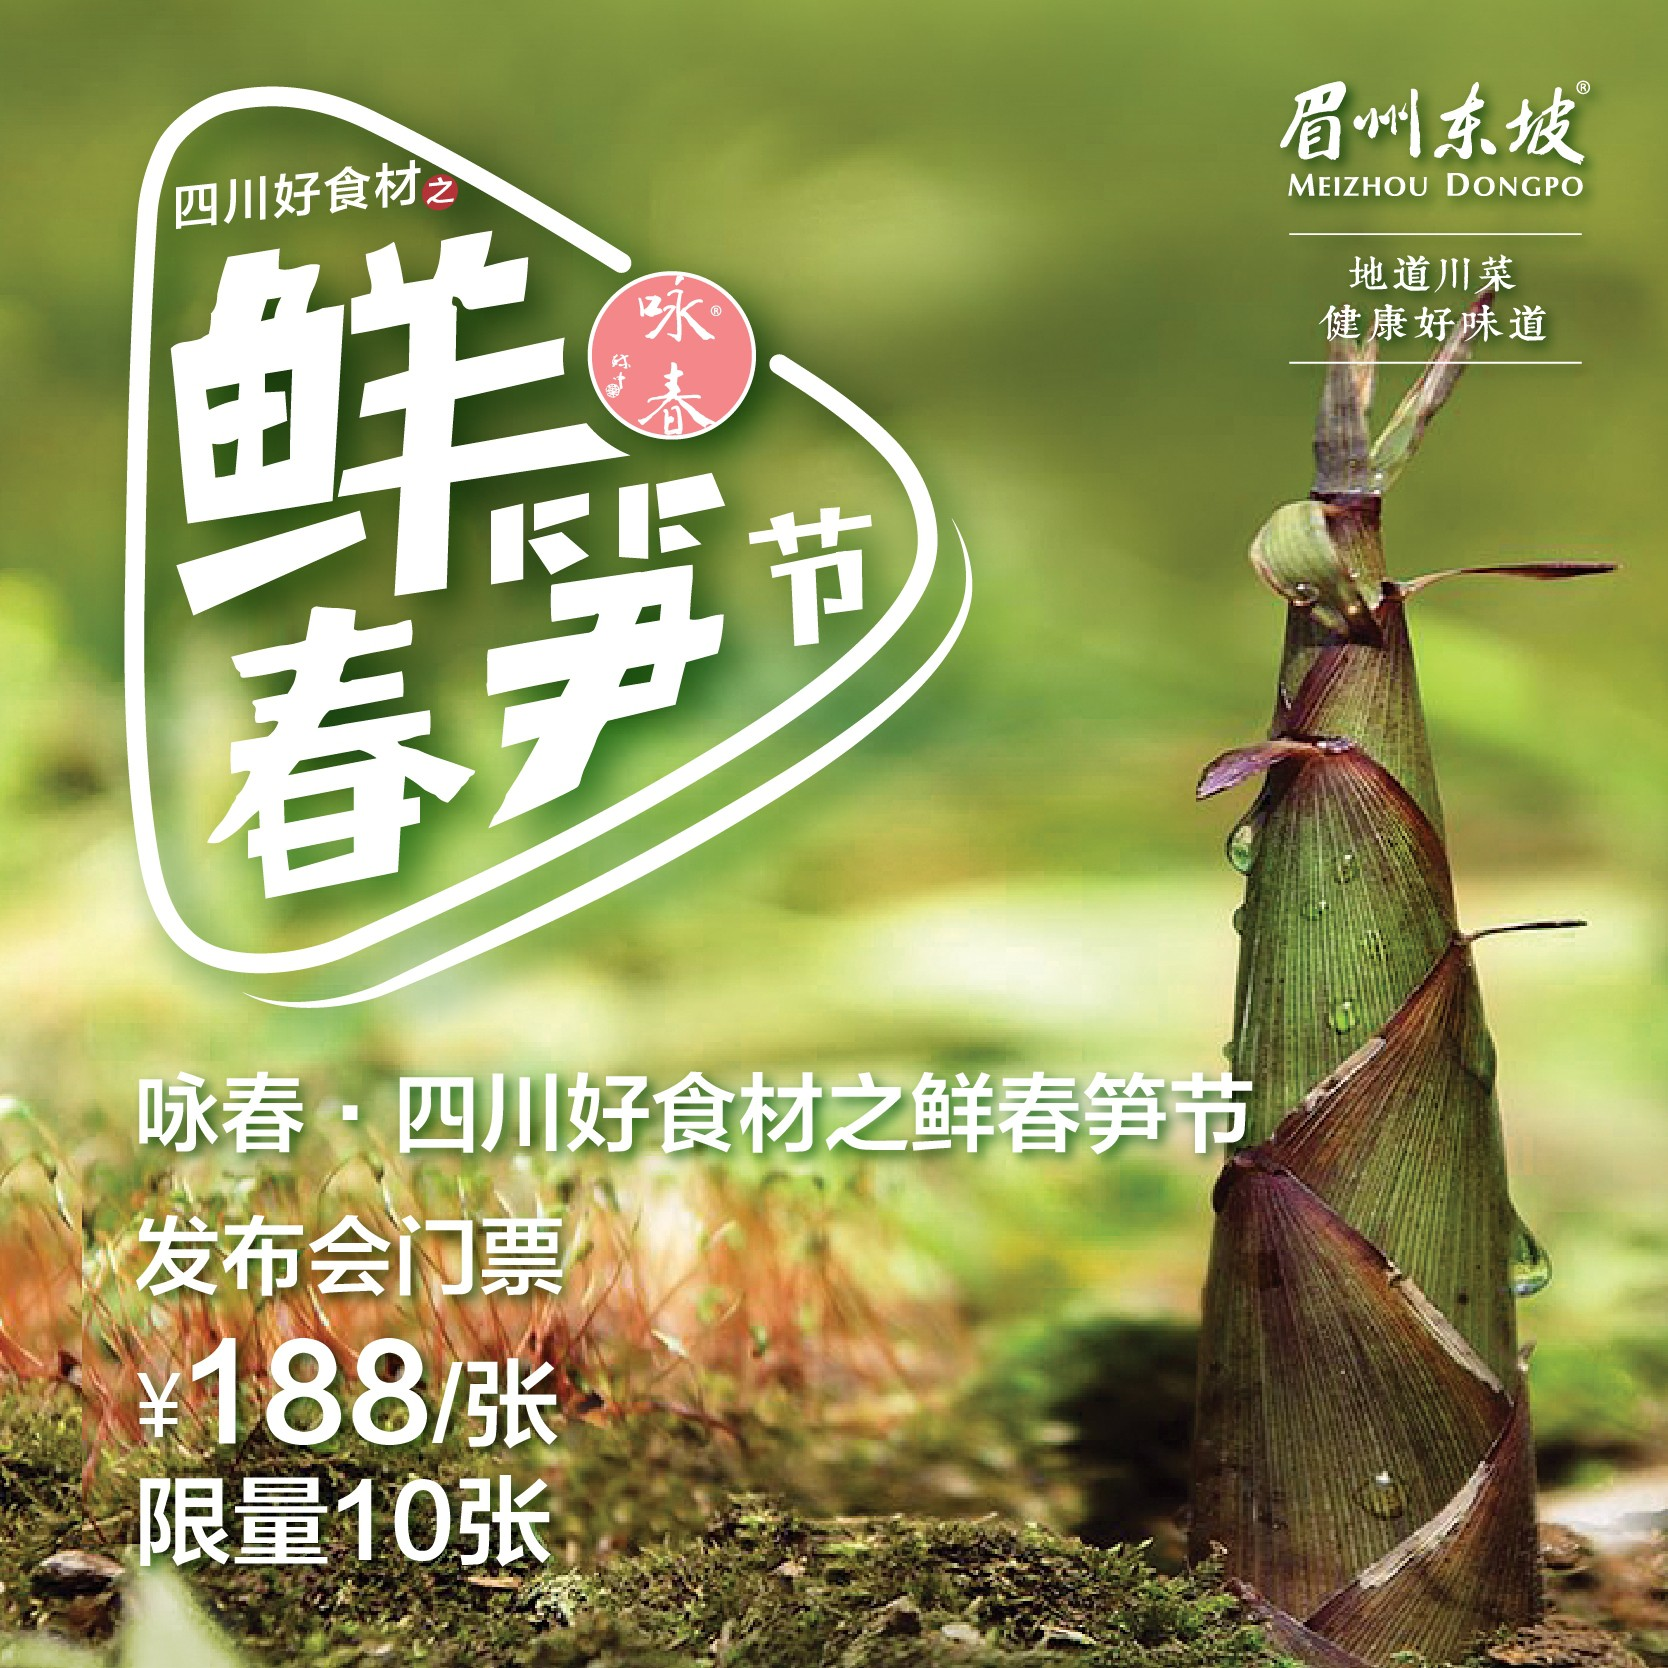 「咏春四川好食材之鲜春笋节」发布会门票